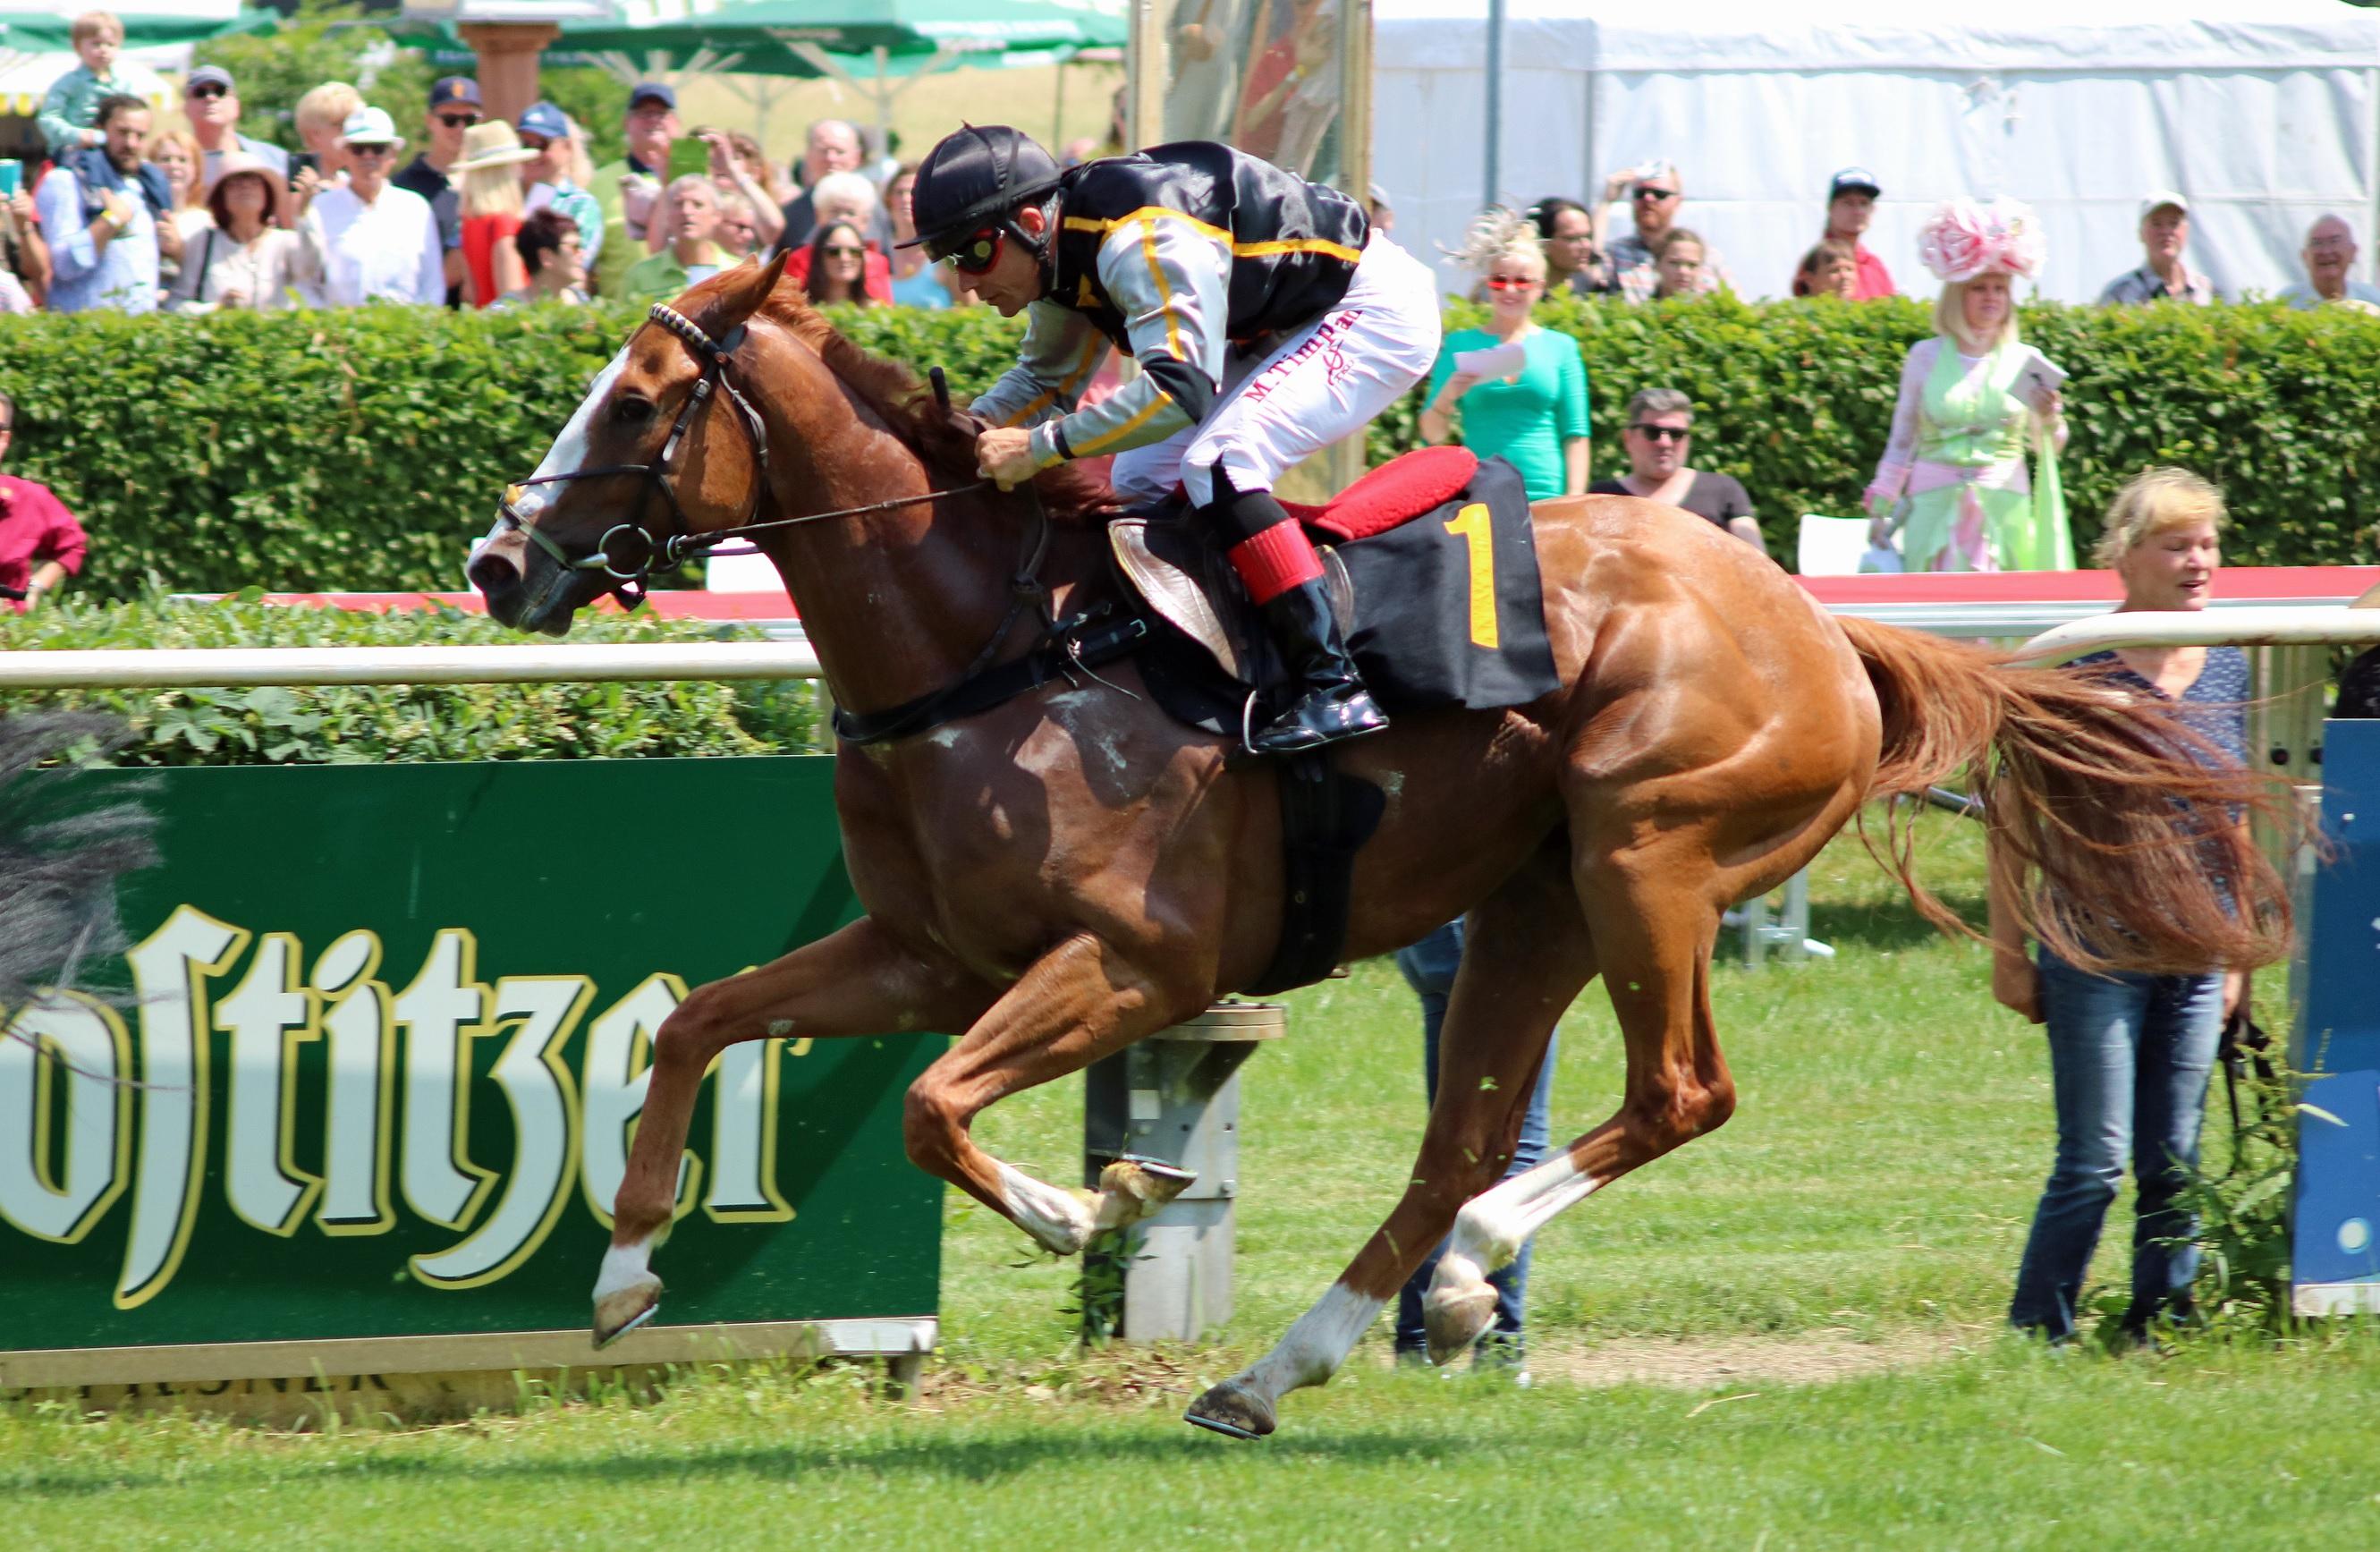 Pferde im Rennen